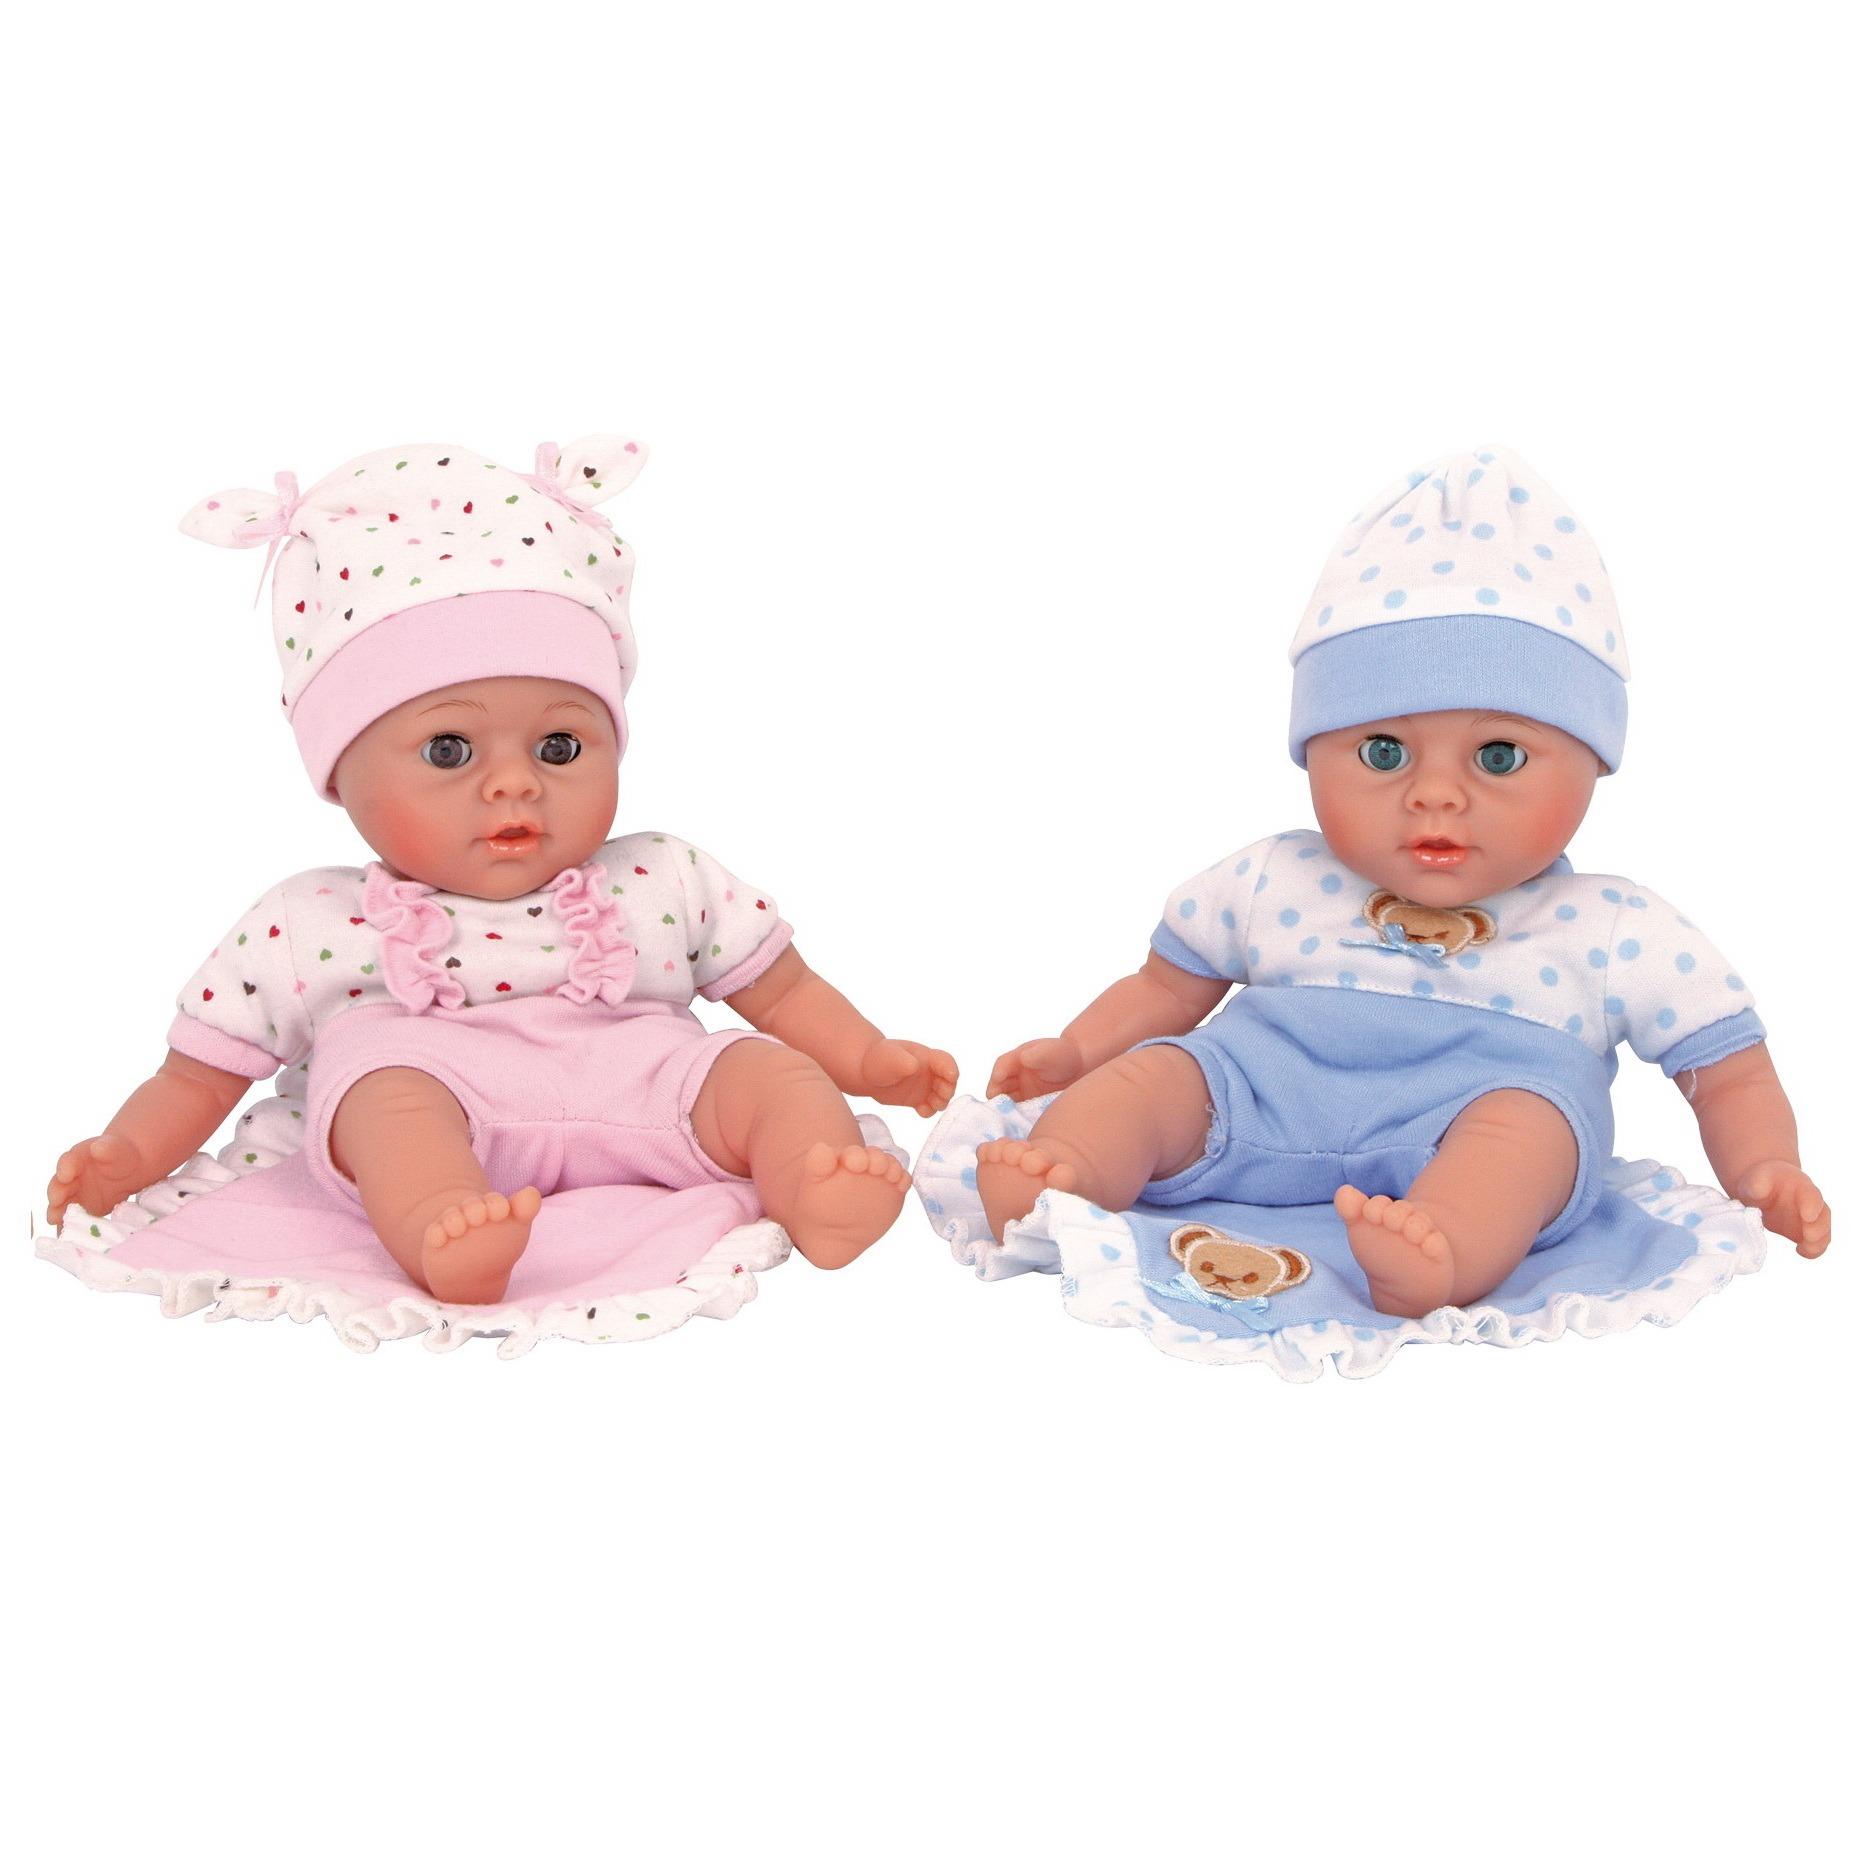 Dvojčka 2 dojenčka v kompletu, 27 cm